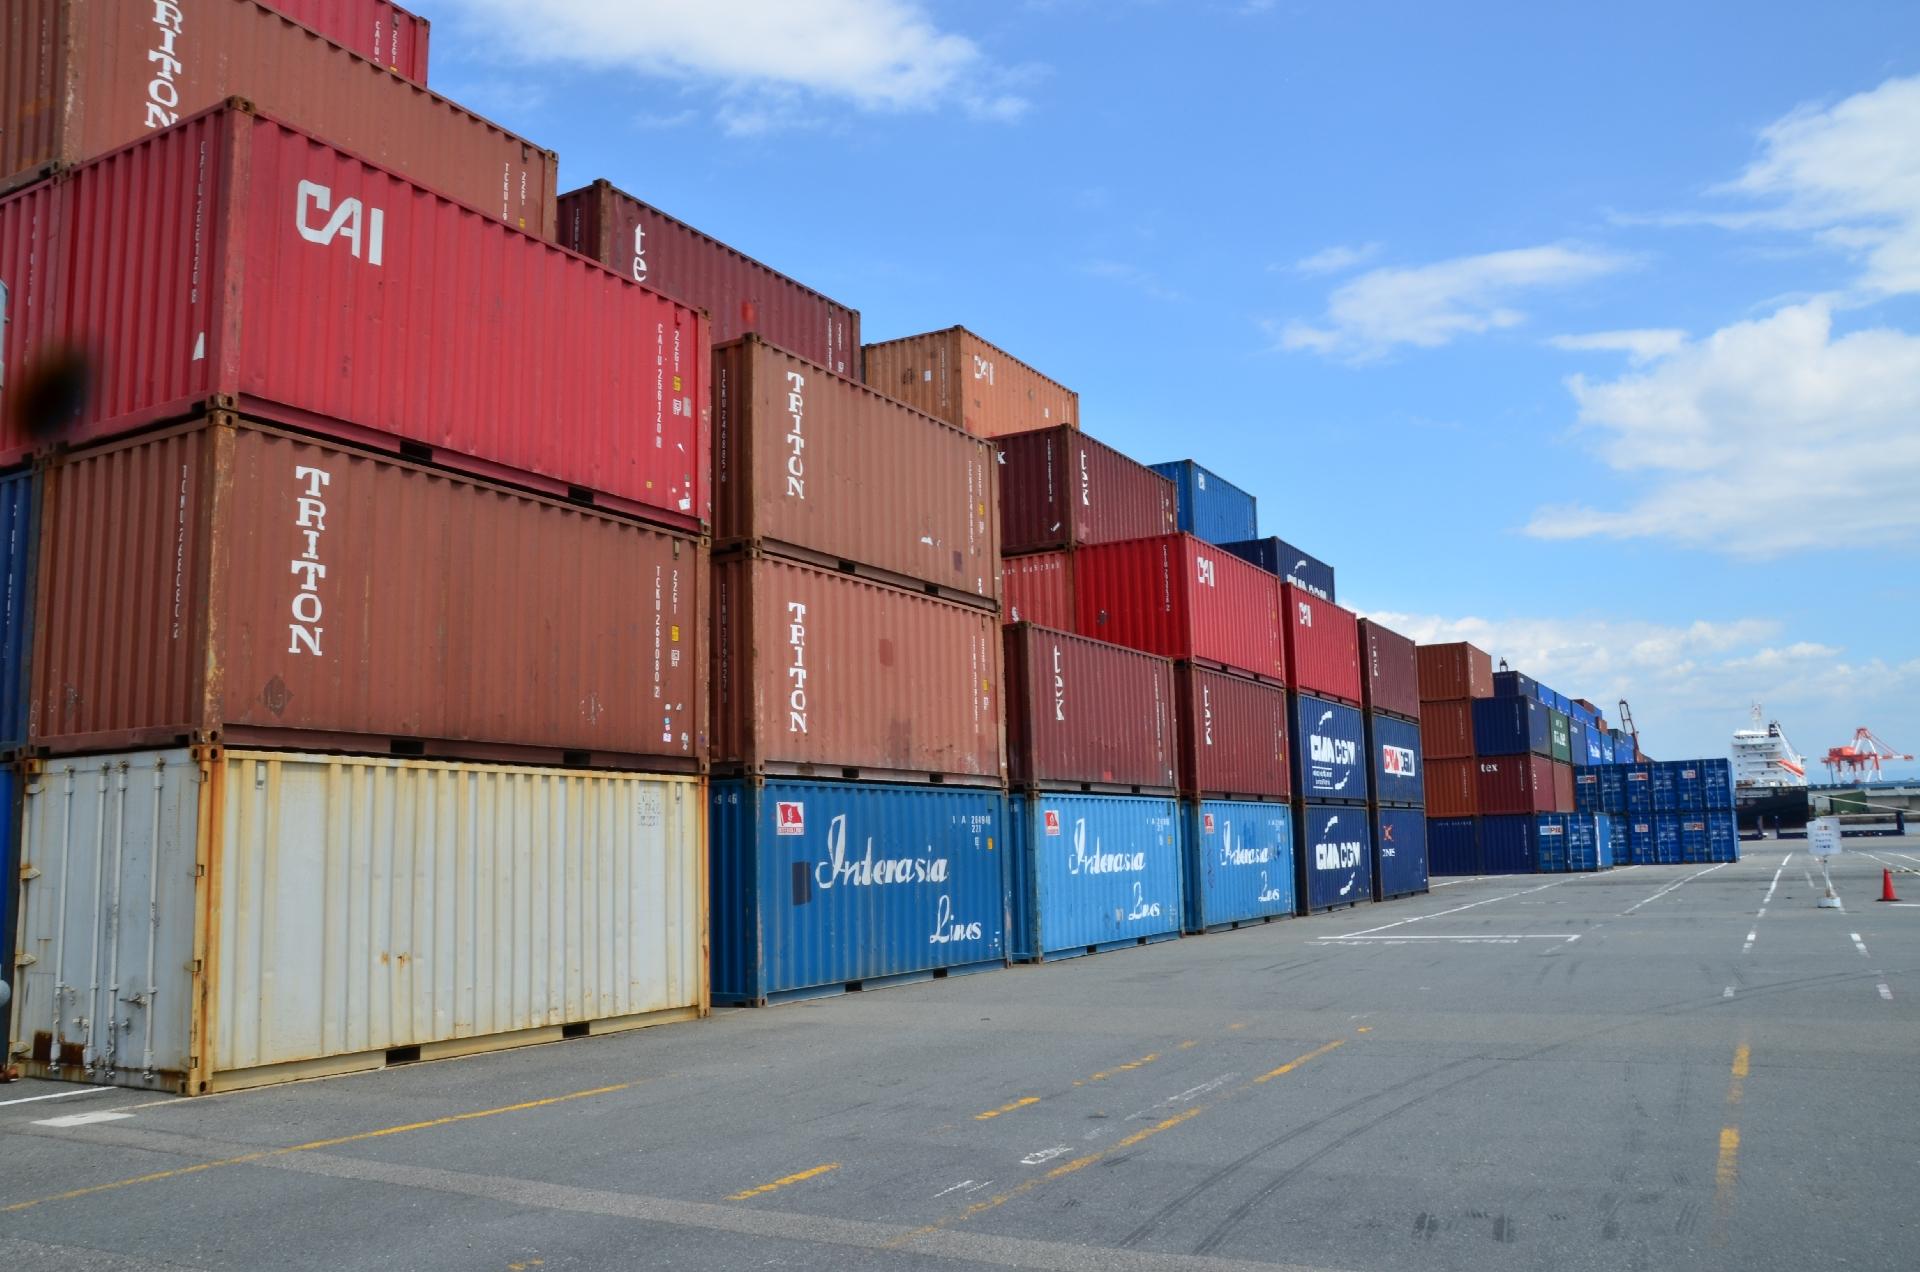 大和ハウスとファーストテイリングが共同で国内ユニクロ専用の物流倉庫設置